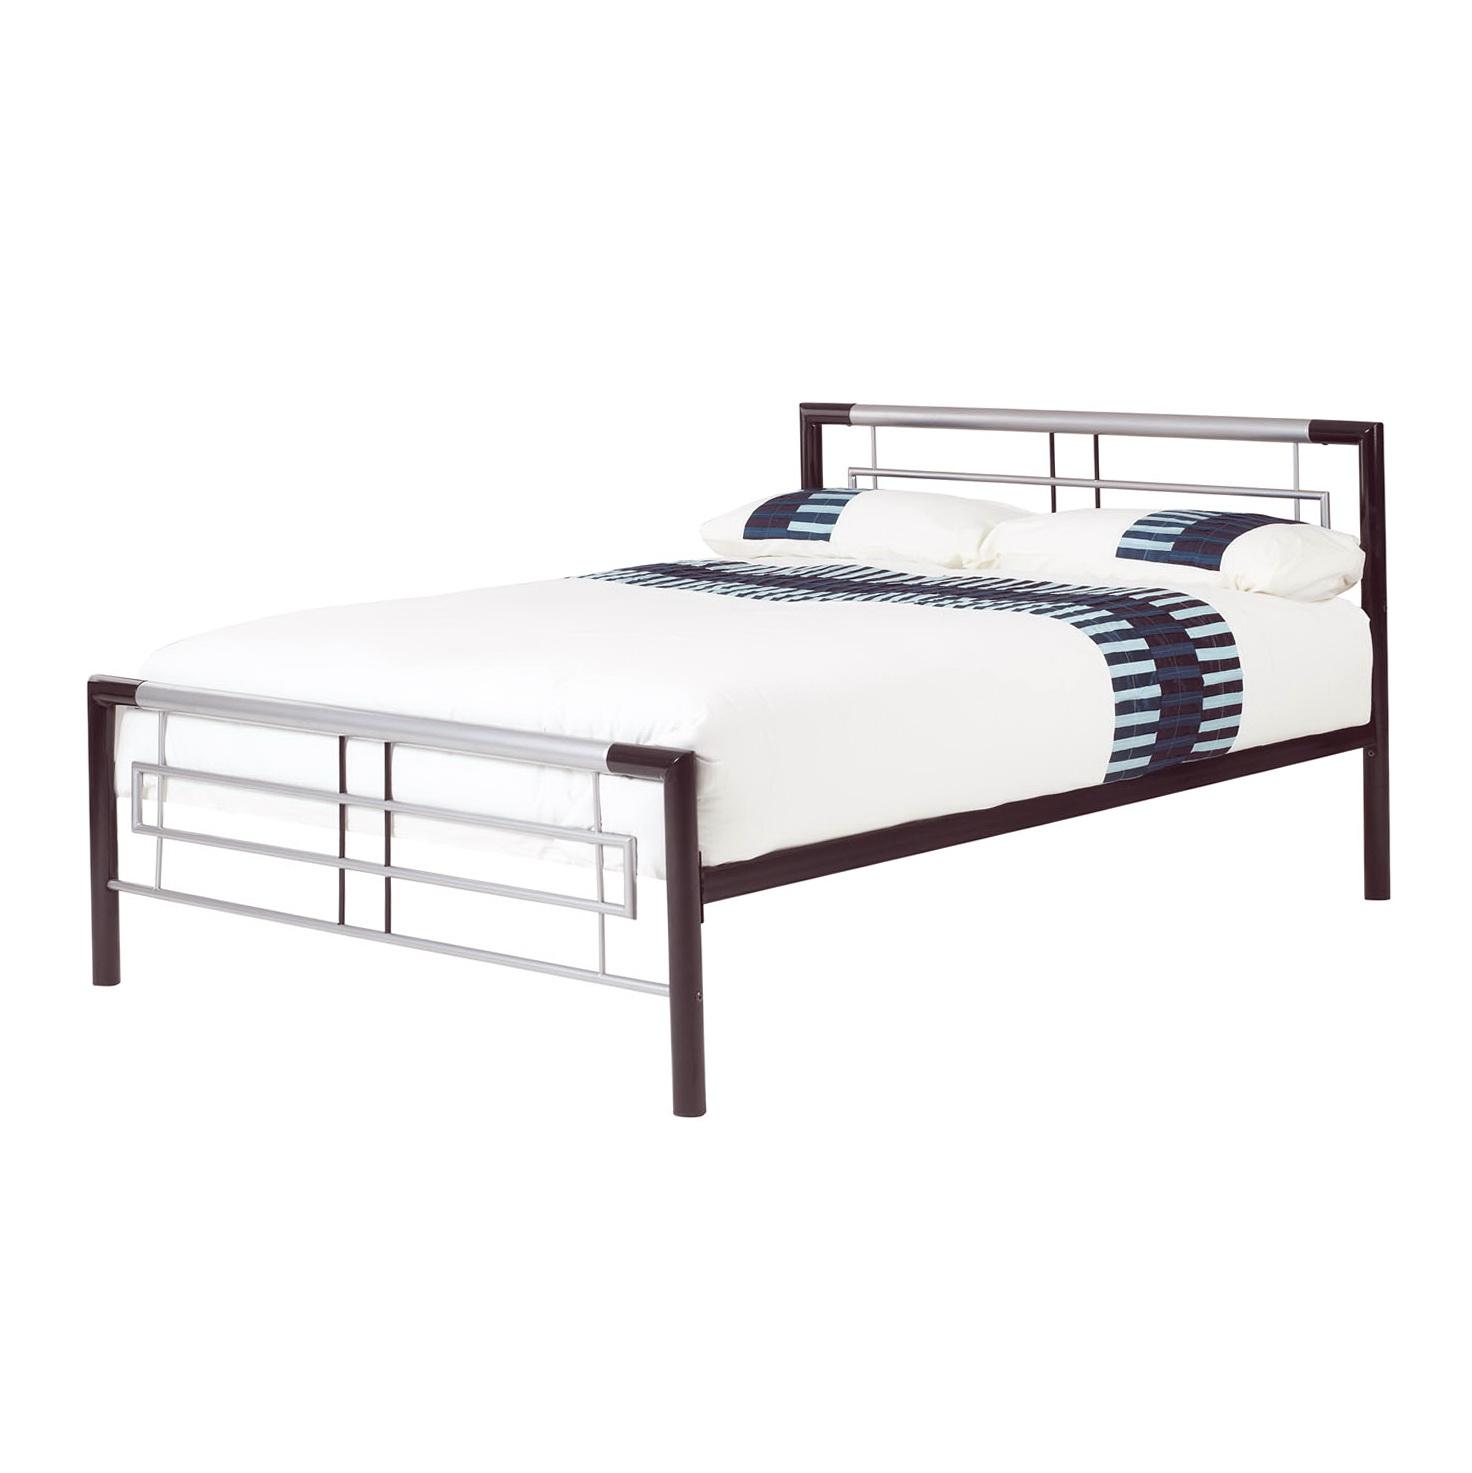 Metal Bed Frames Uk1